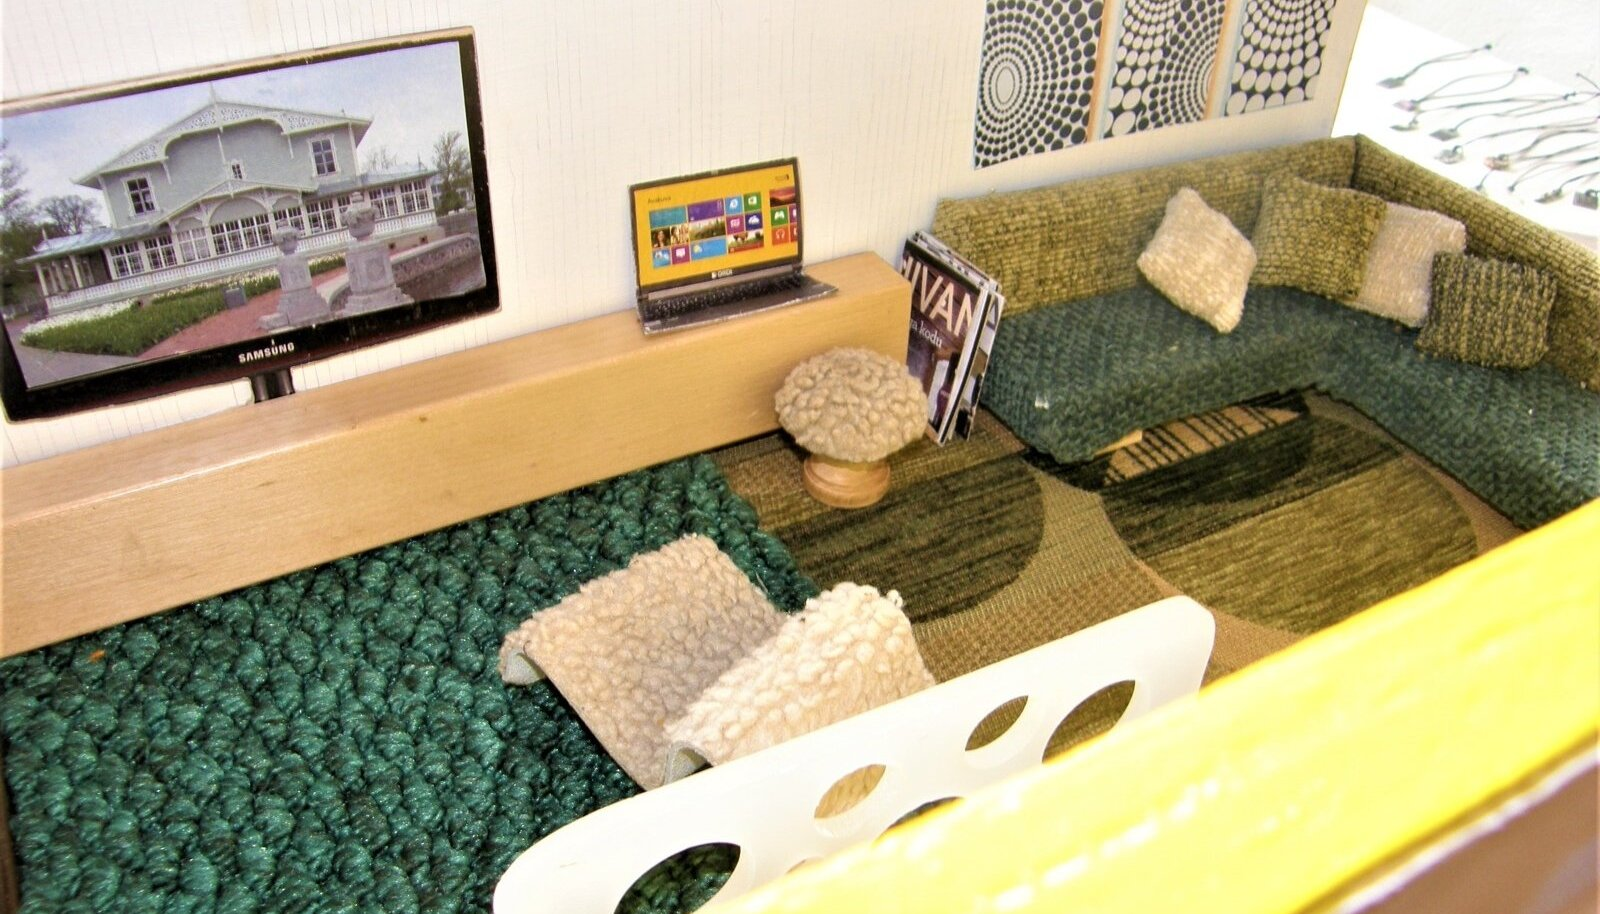 Nukkude elutuba pehme mööbli, teleri ja arvutiga.